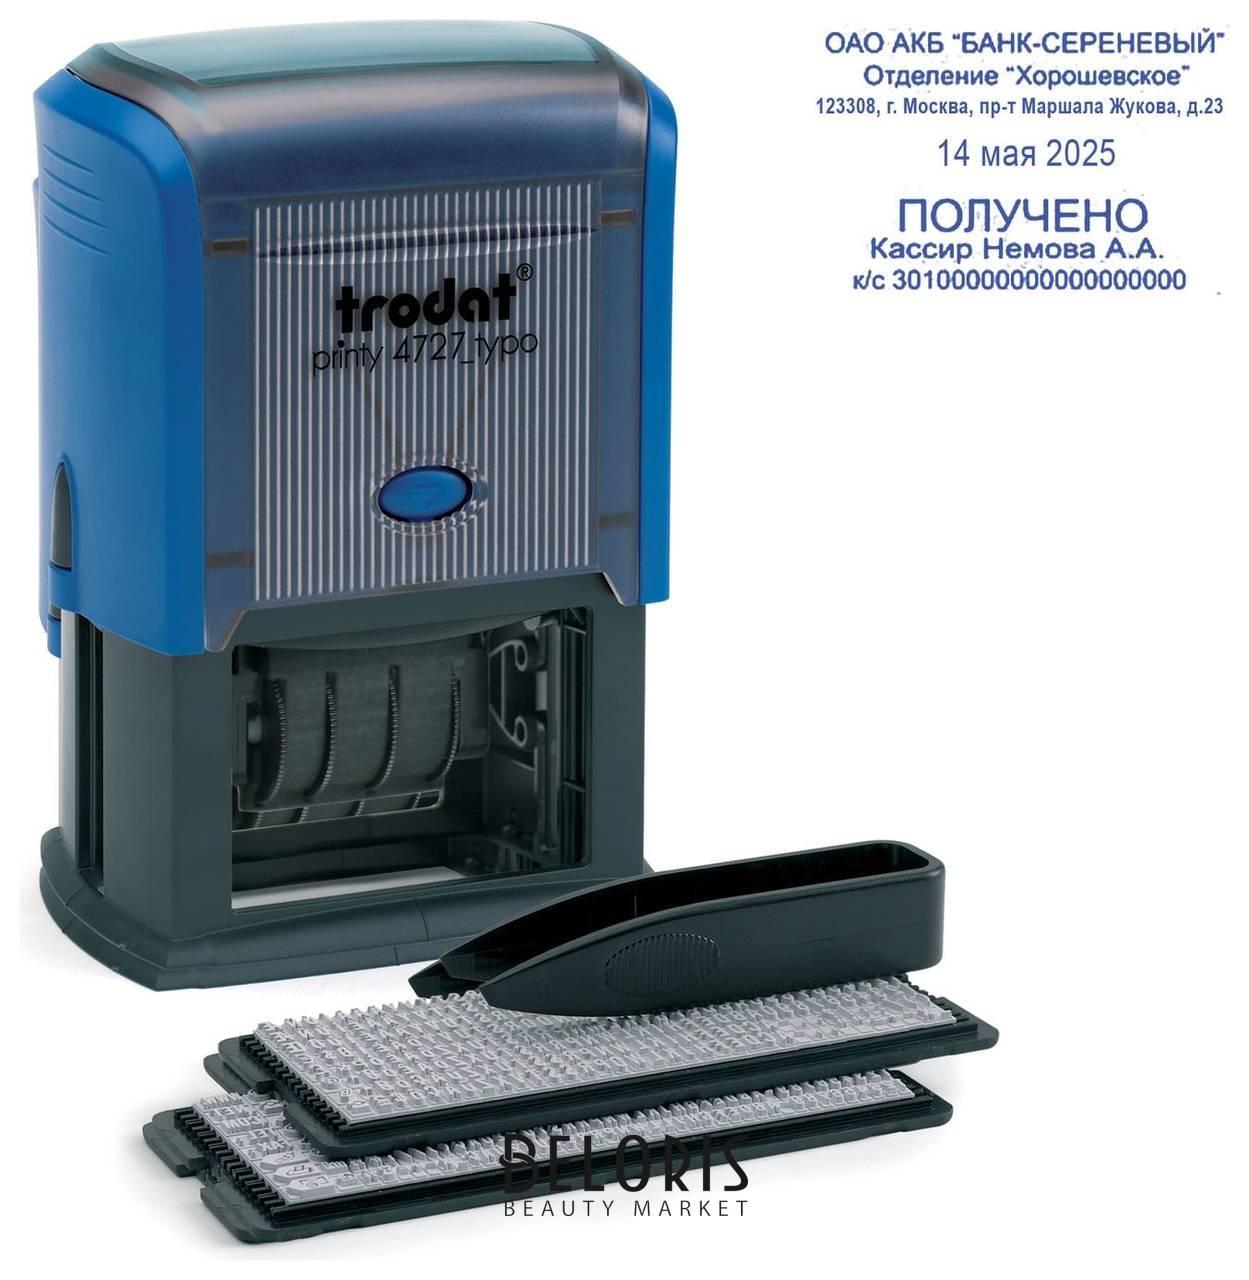 Датер самонаборный, 6 строк+дата, оттиск 60х40 мм, синий, Trodat 4727, кассы в комплекте Trodat